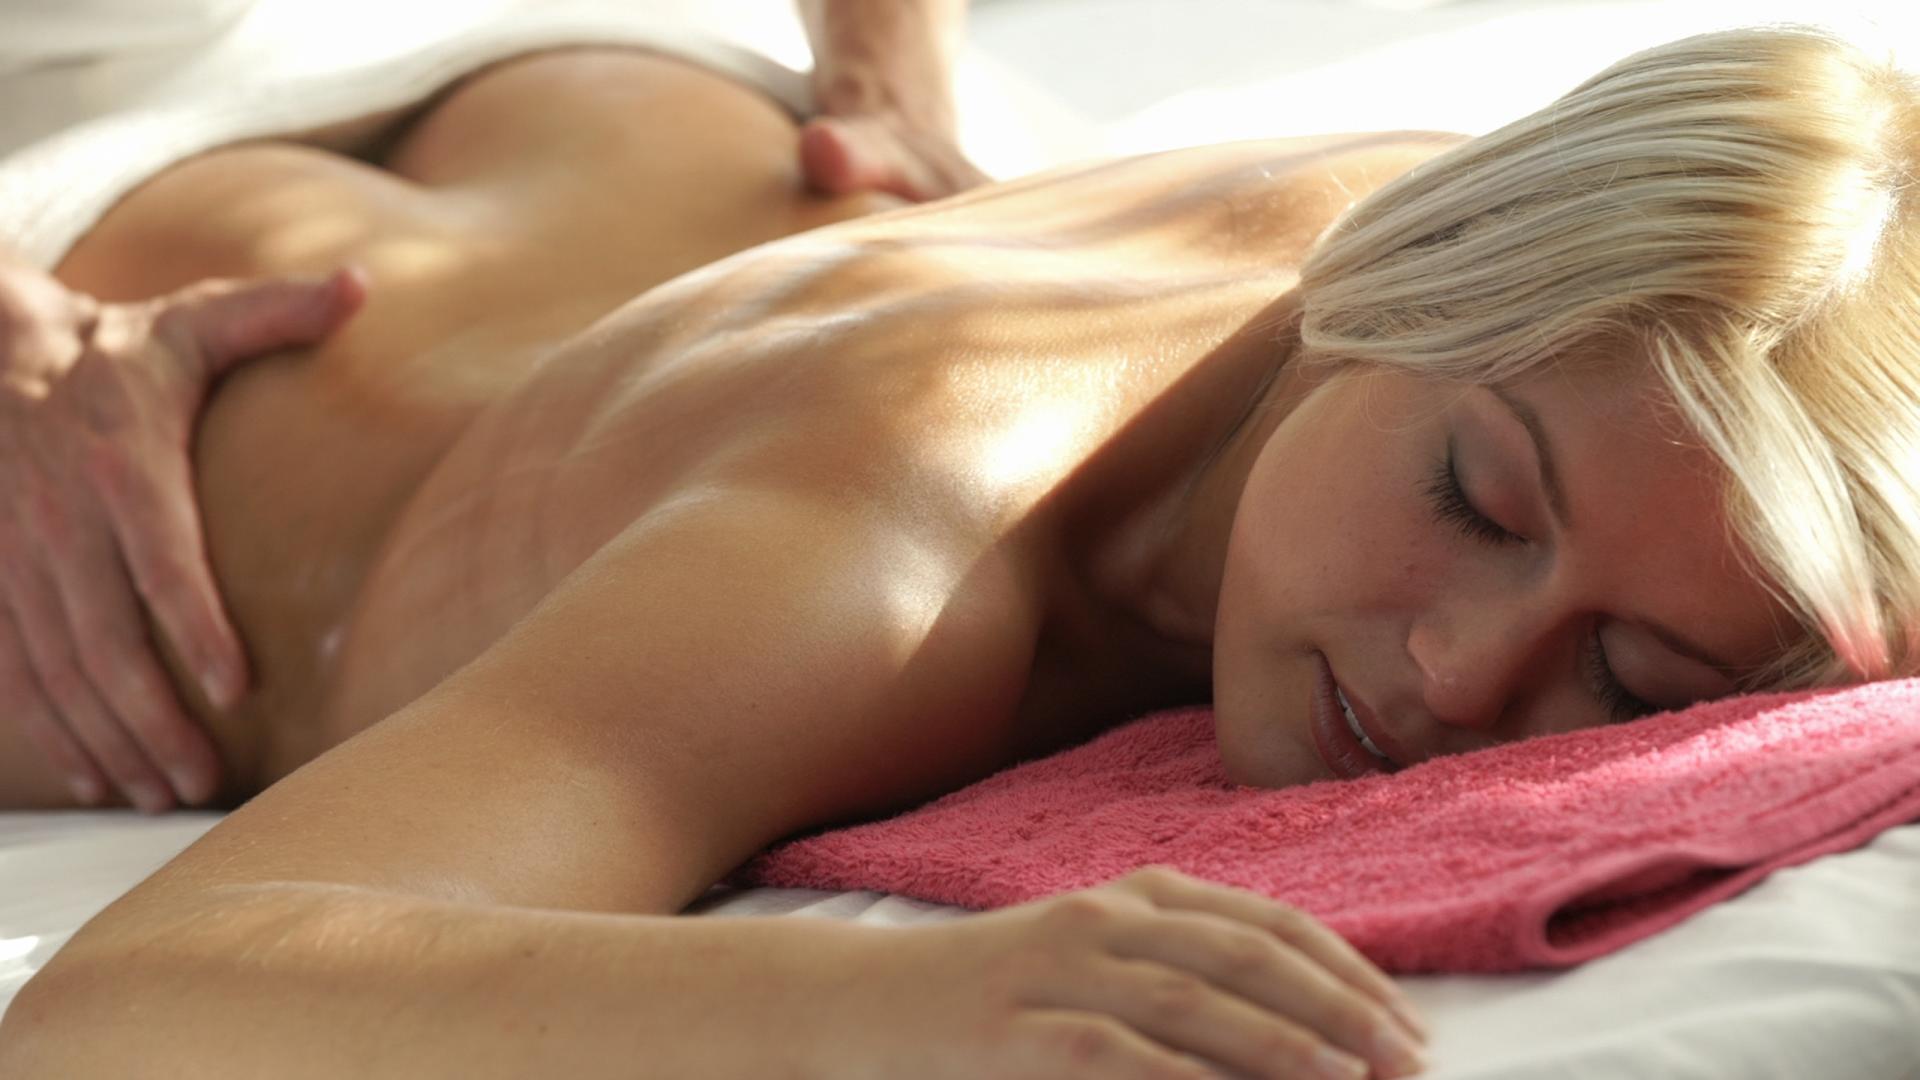 Japanese Oil Massage Orgasm